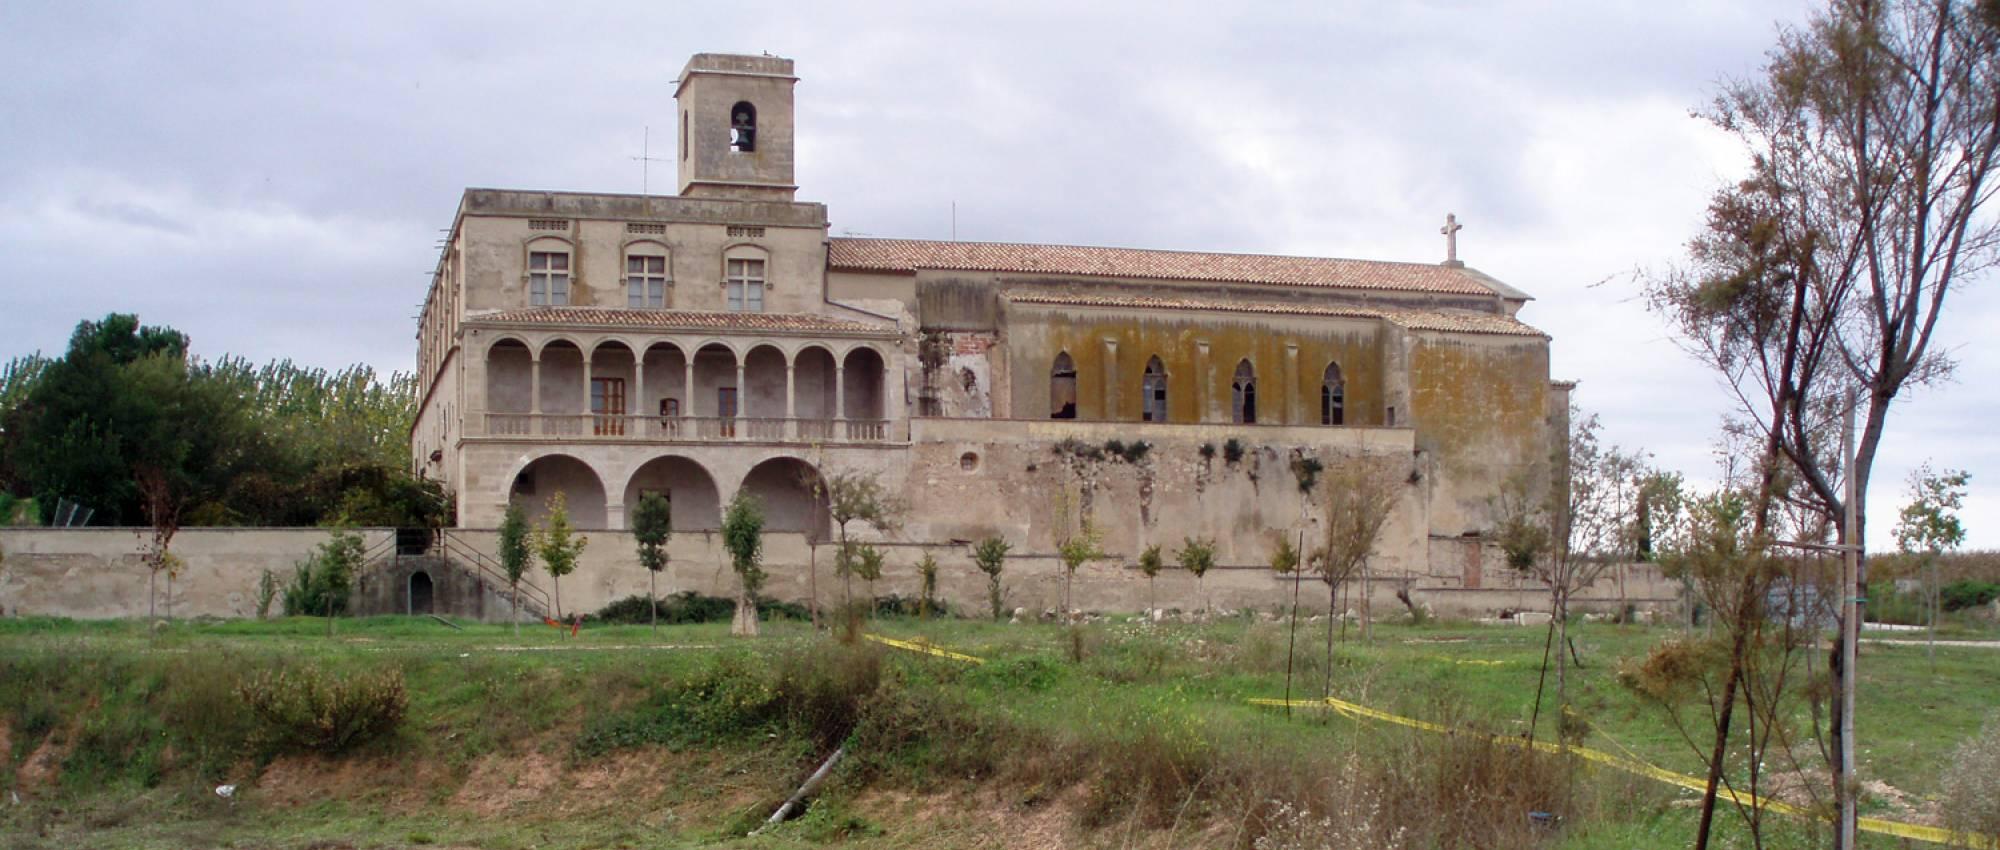 Vista general del convent de Sant Bartomeu. J.Gomà / Wikimedia Commons. CC BY 3.0